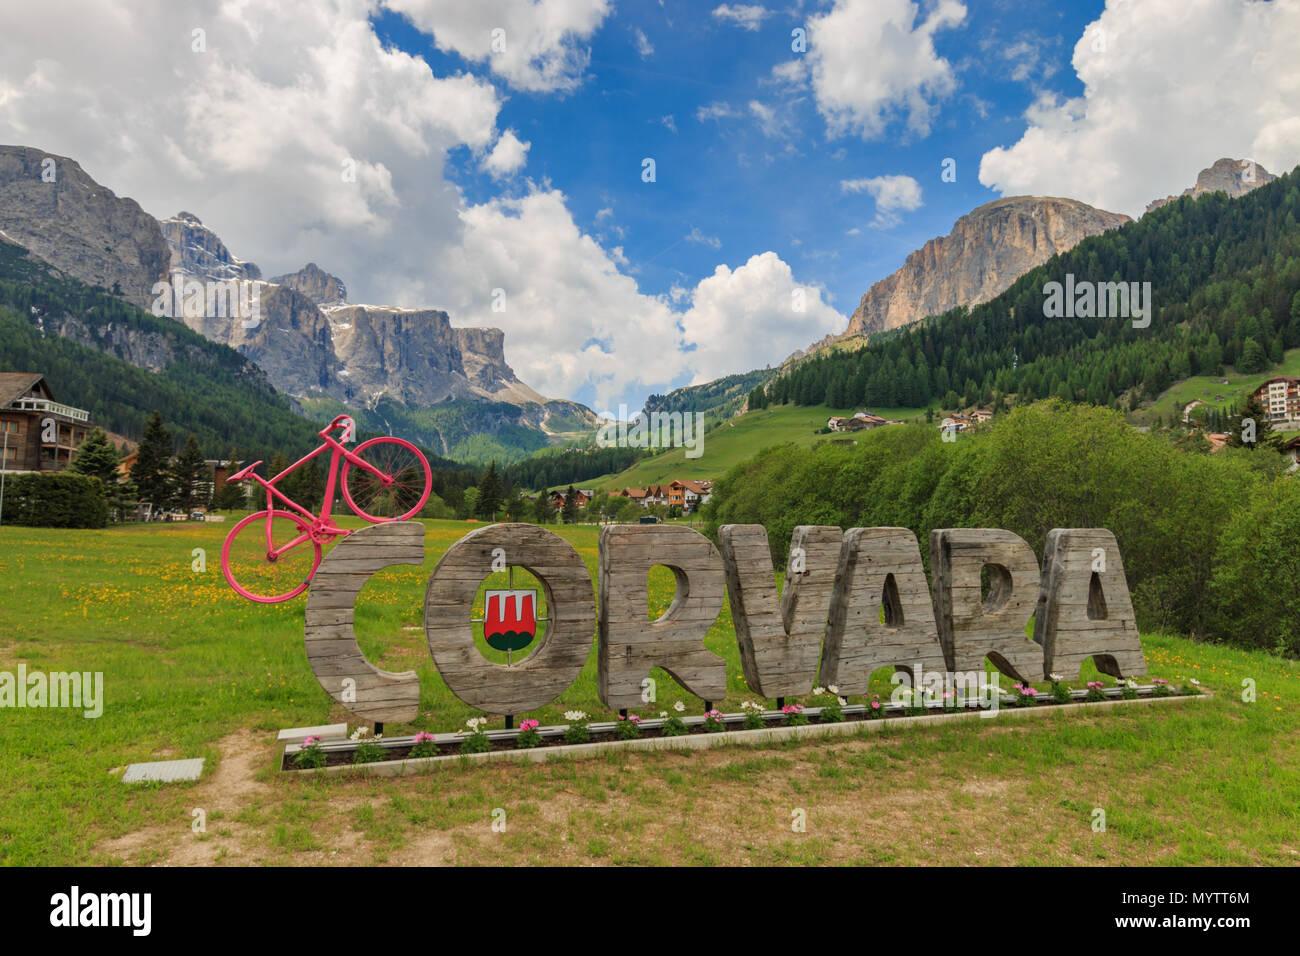 Corvara, Italia - 31 de mayo de 2017: la entrada de la aldea Corvara en Tirol del Sur con una bicicleta rosa simboliza la carrera de ciclismo Giro d'Italia atravesó Imagen De Stock